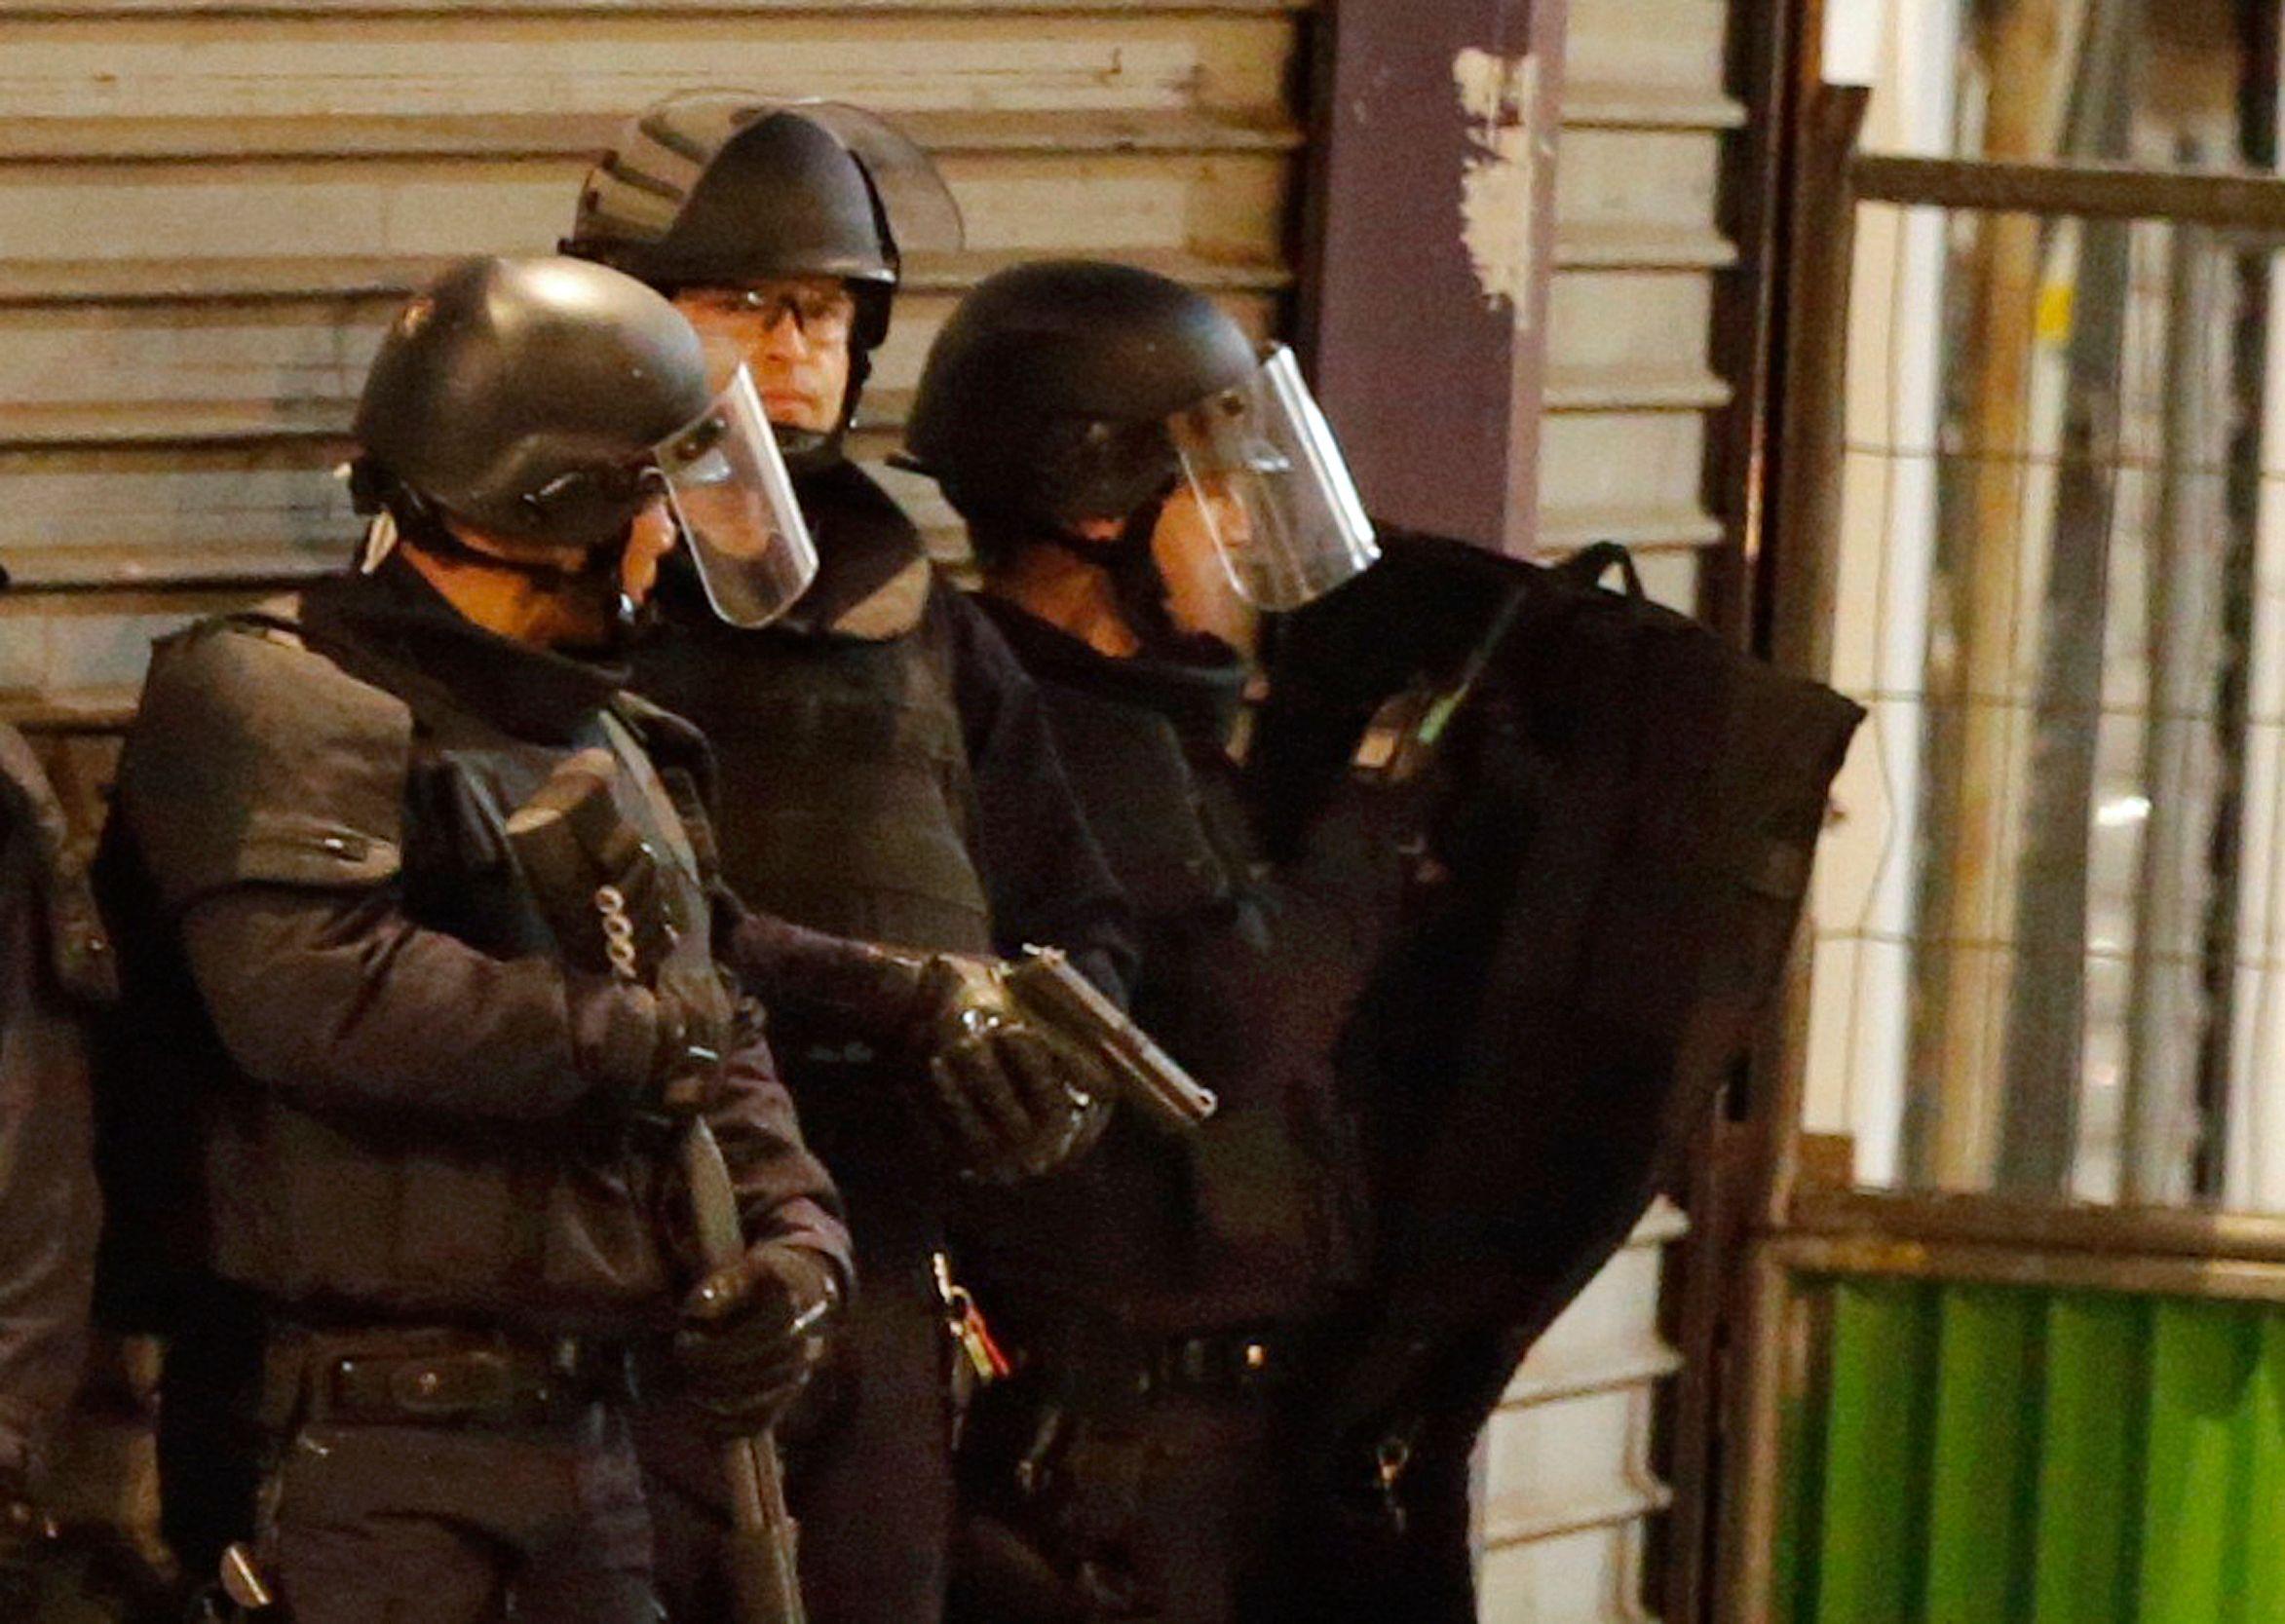 Trois individus ont été interpellés et se trouvent actuellement en garde à vue.